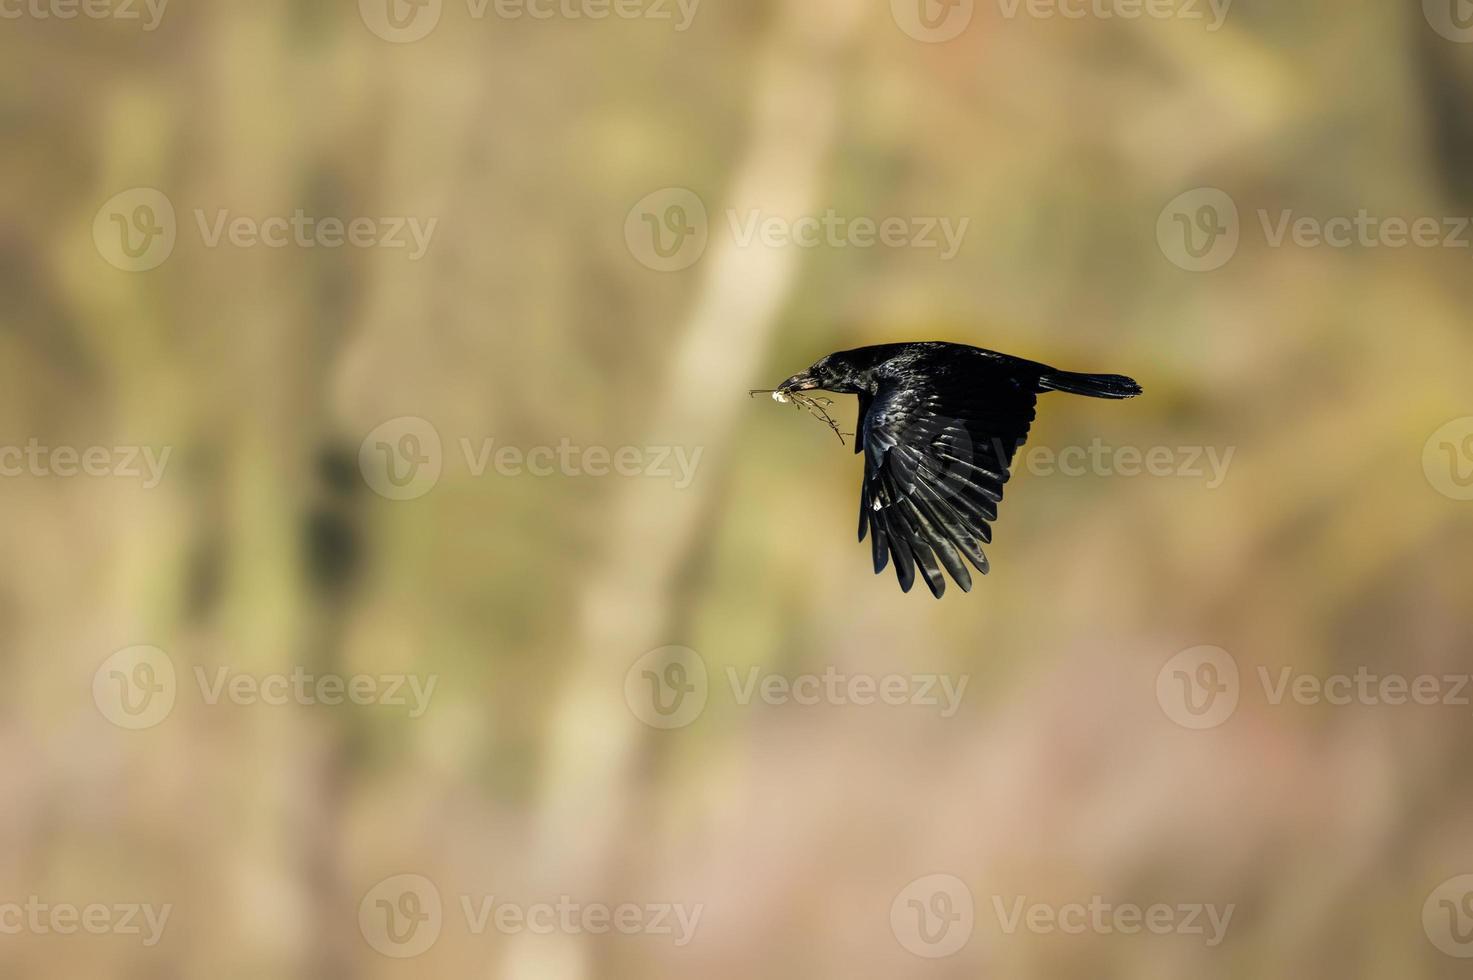 corvo, corvus corone, voando com material de nidificação no bico foto